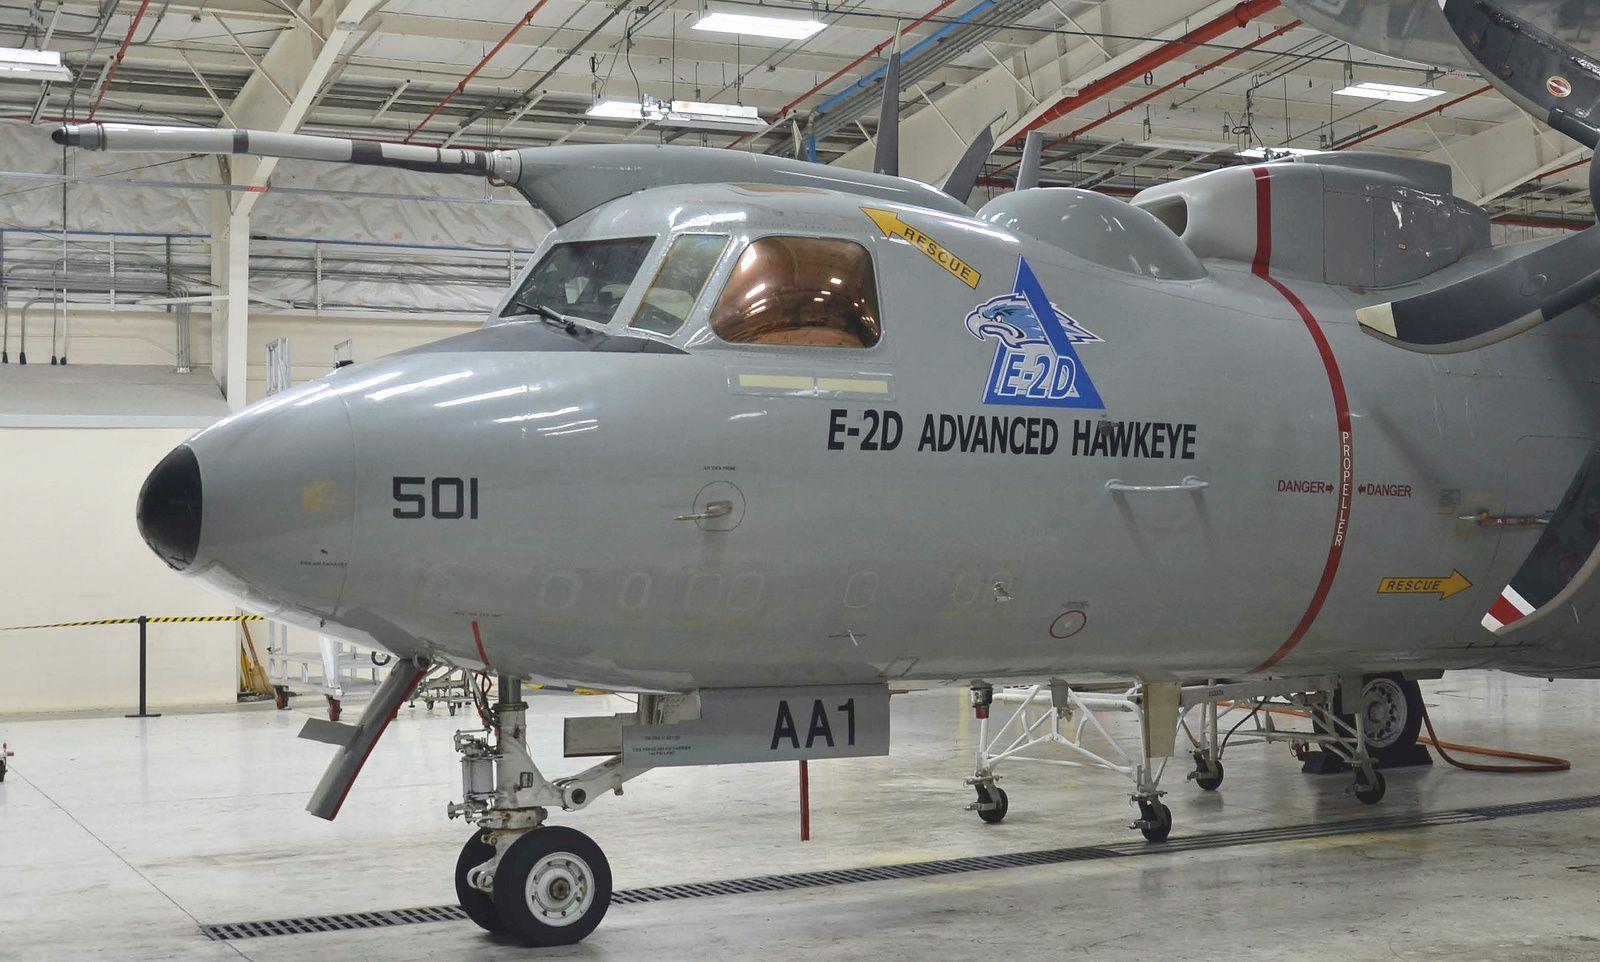 © Northrop Grumman - Le premier E-2D Advanced Hawkeye équipé de sa perche de ravitaillement en vol.